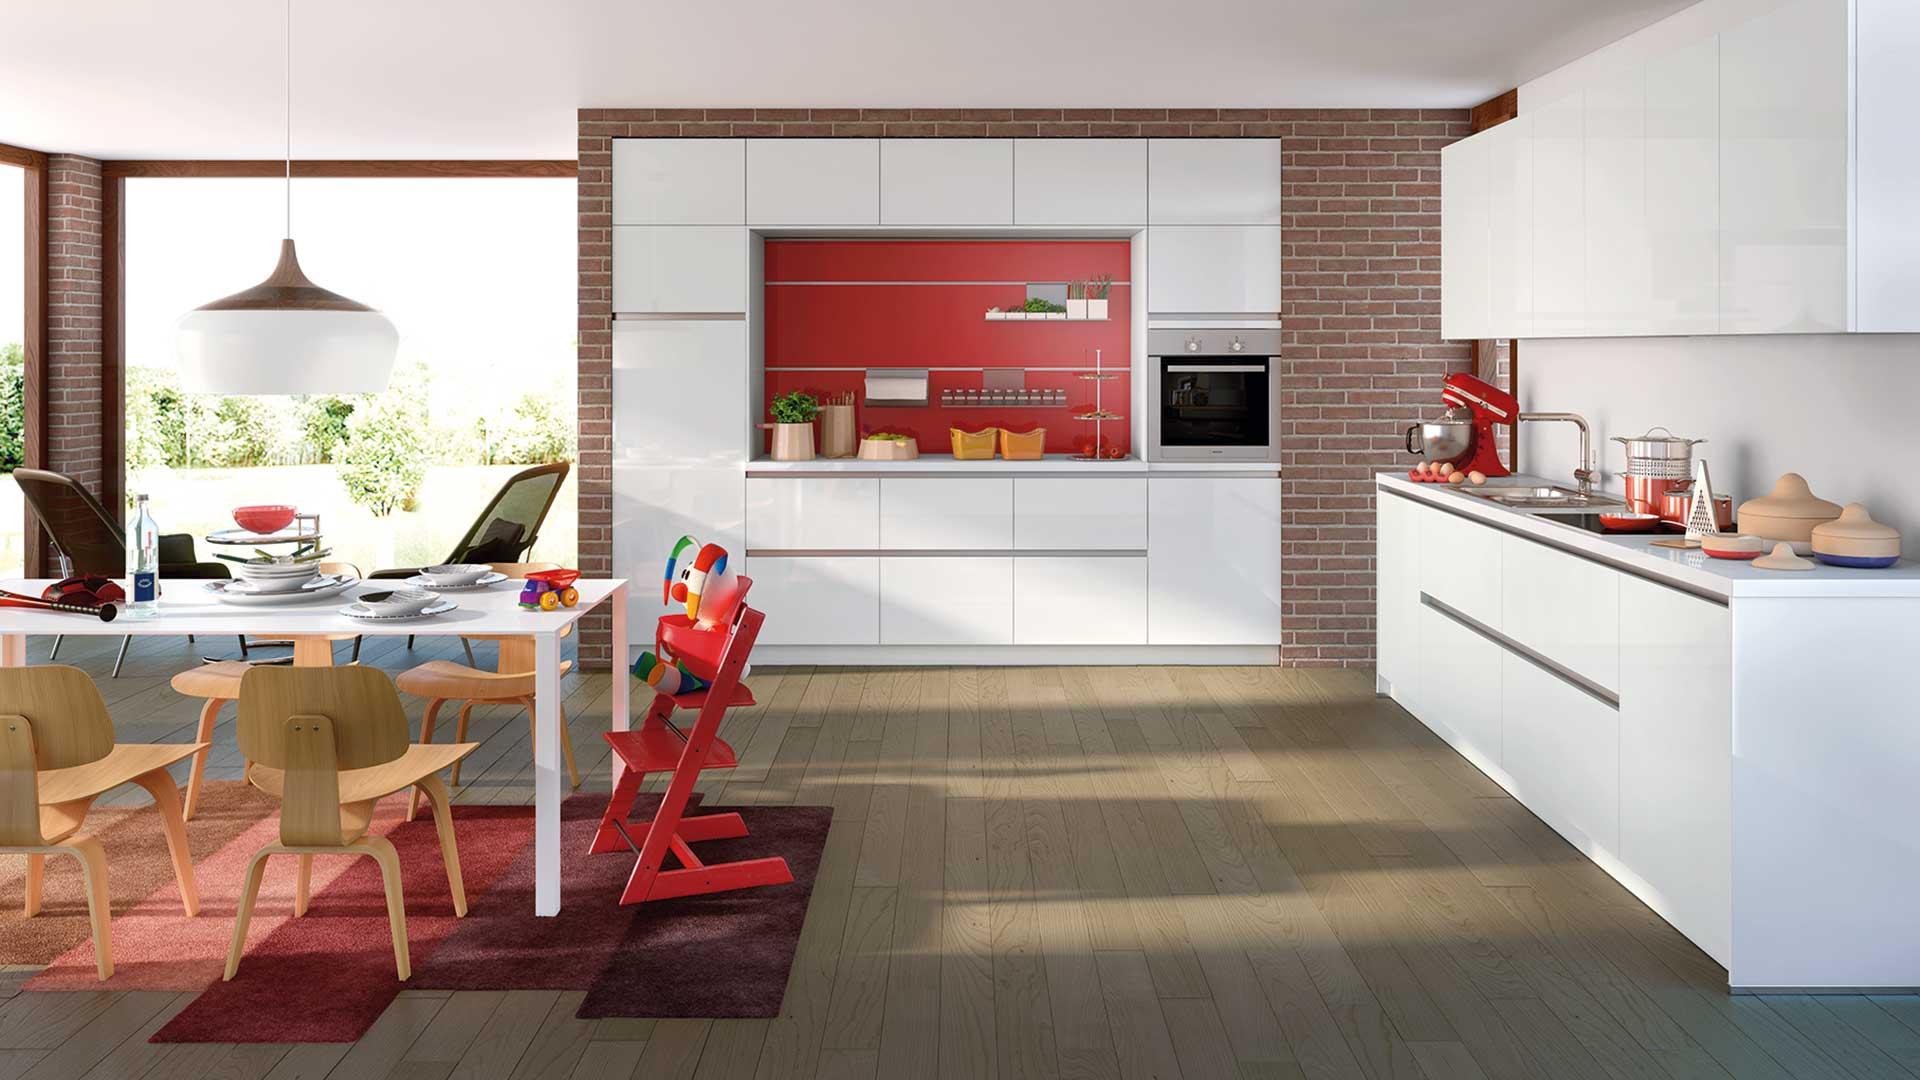 Full Size of Möbelum Küche Hängeschränke Ikea Kosten Planen Kostenlos Einbauküche Selber Bauen Eckschrank Modulküche Wandverkleidung Kurzzeitmesser Sonoma Eiche Wohnzimmer Möbelum Küche